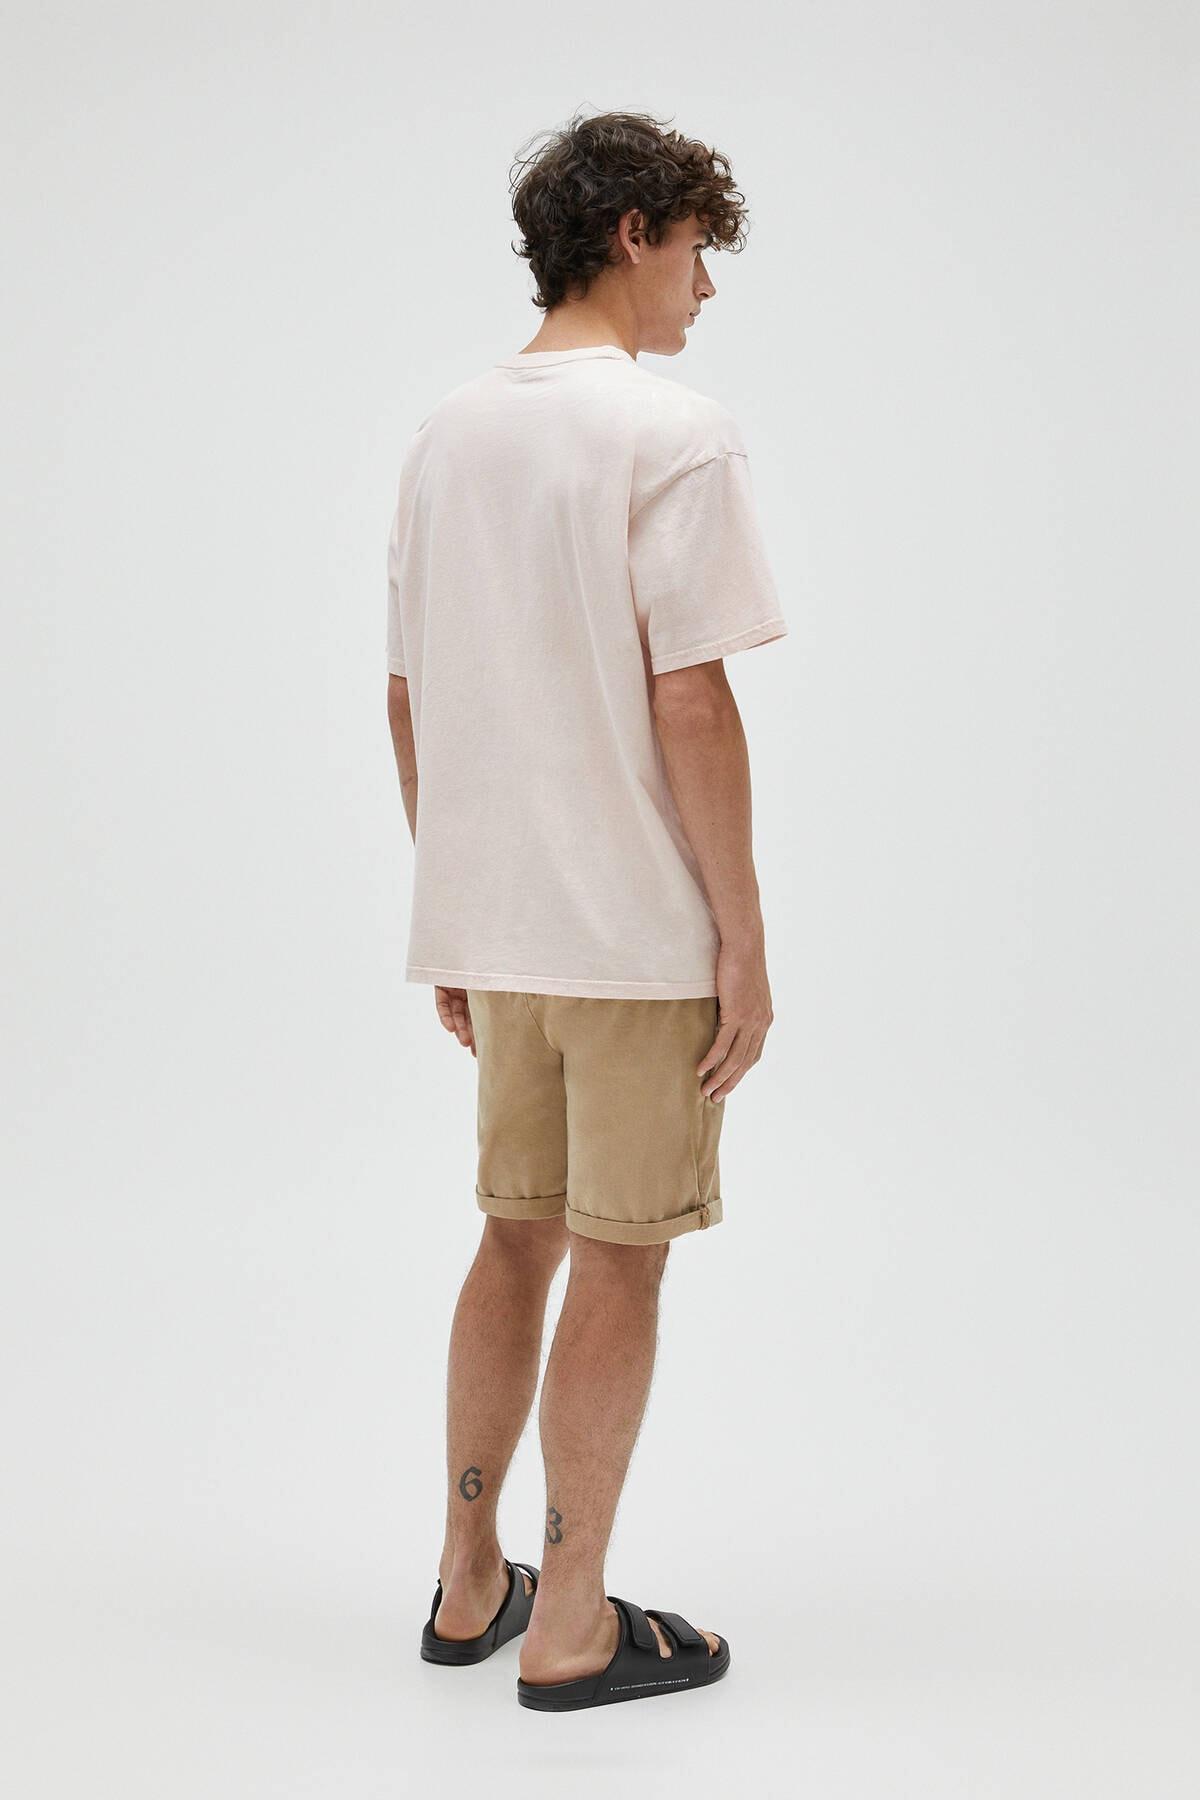 Pull & Bear Erkek Pembe Basic Loose Fit T-Shirt 04241517 3